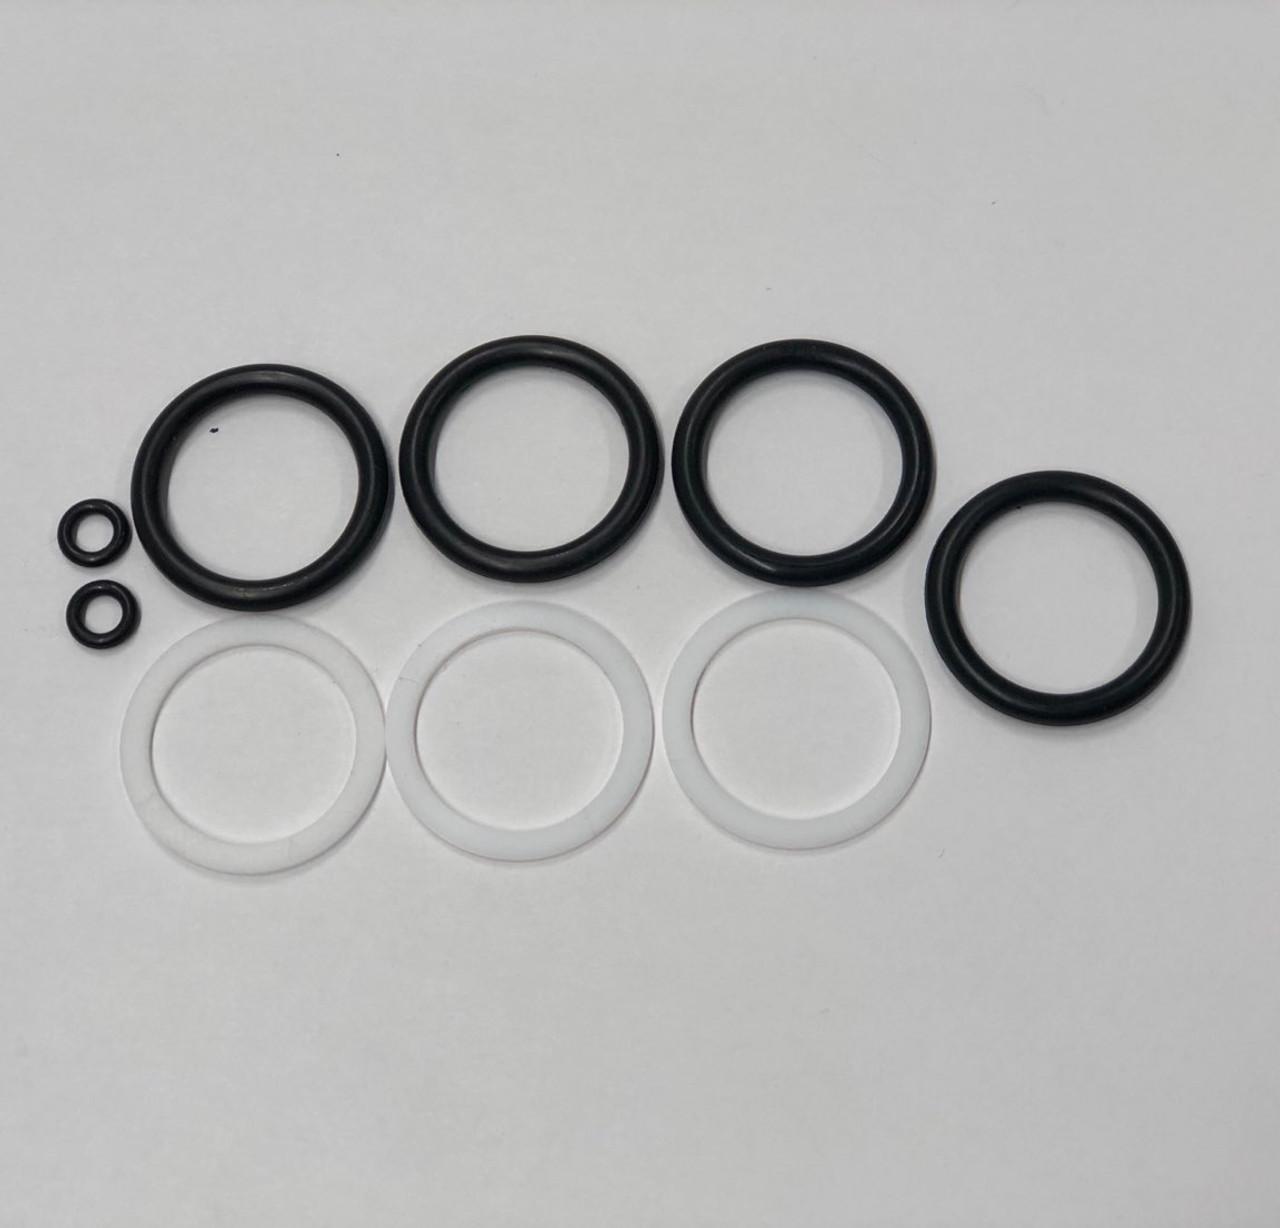 Square Dump O-Ring Kit